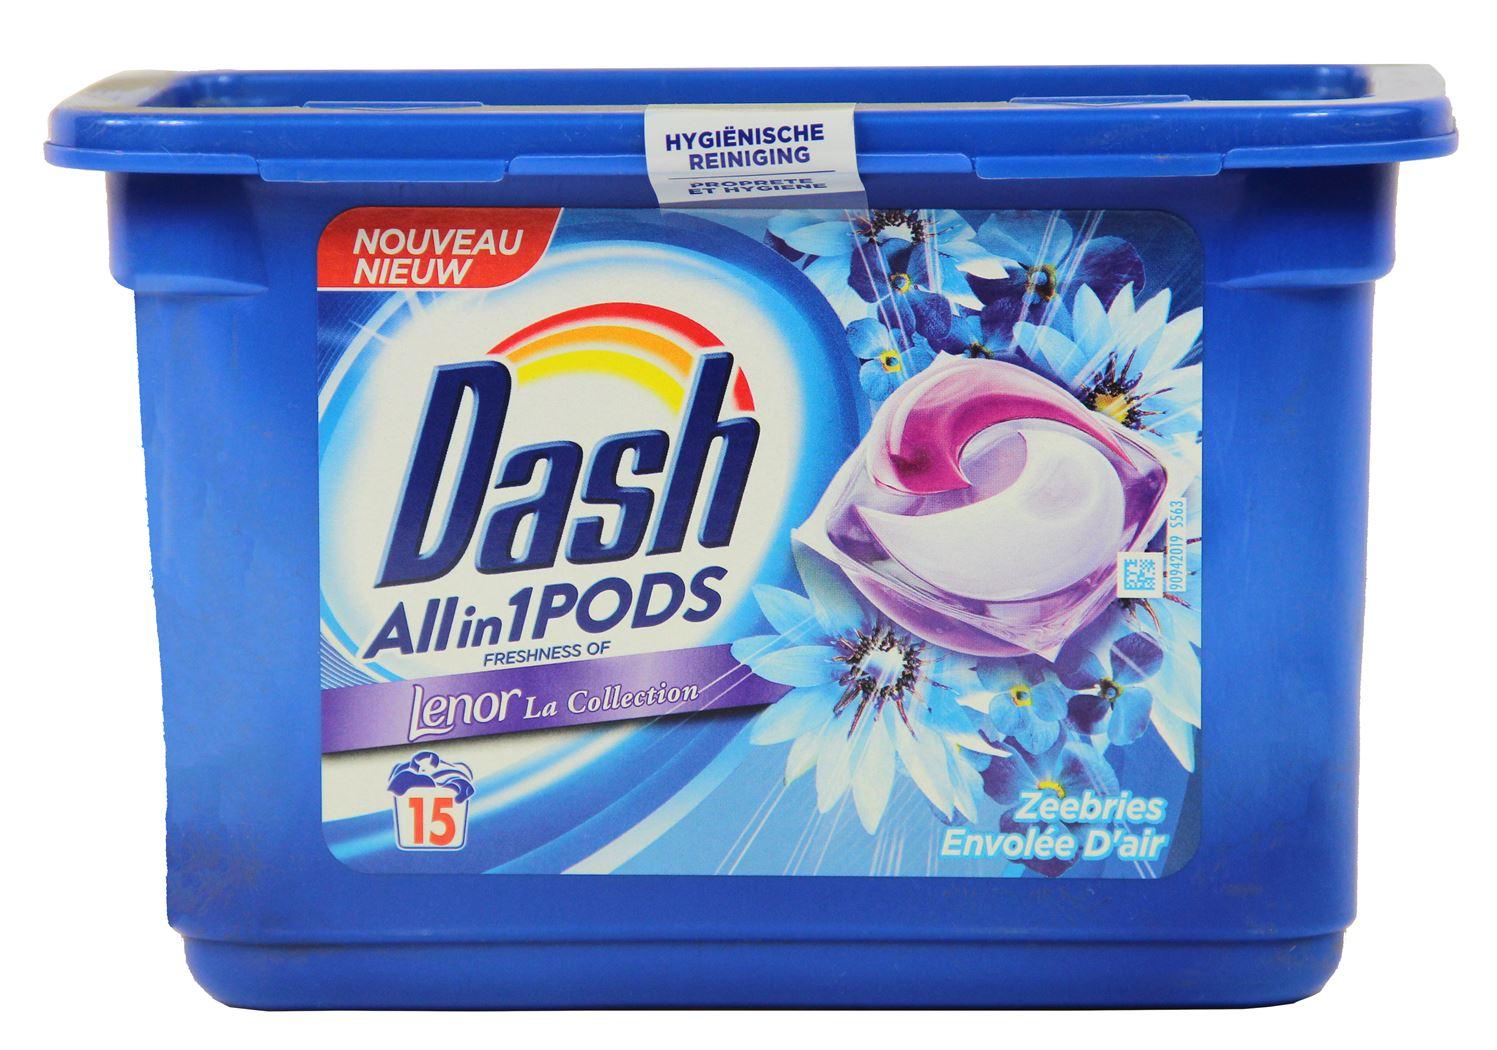 dash pods allin1 lenor ocean breeze (15sts)